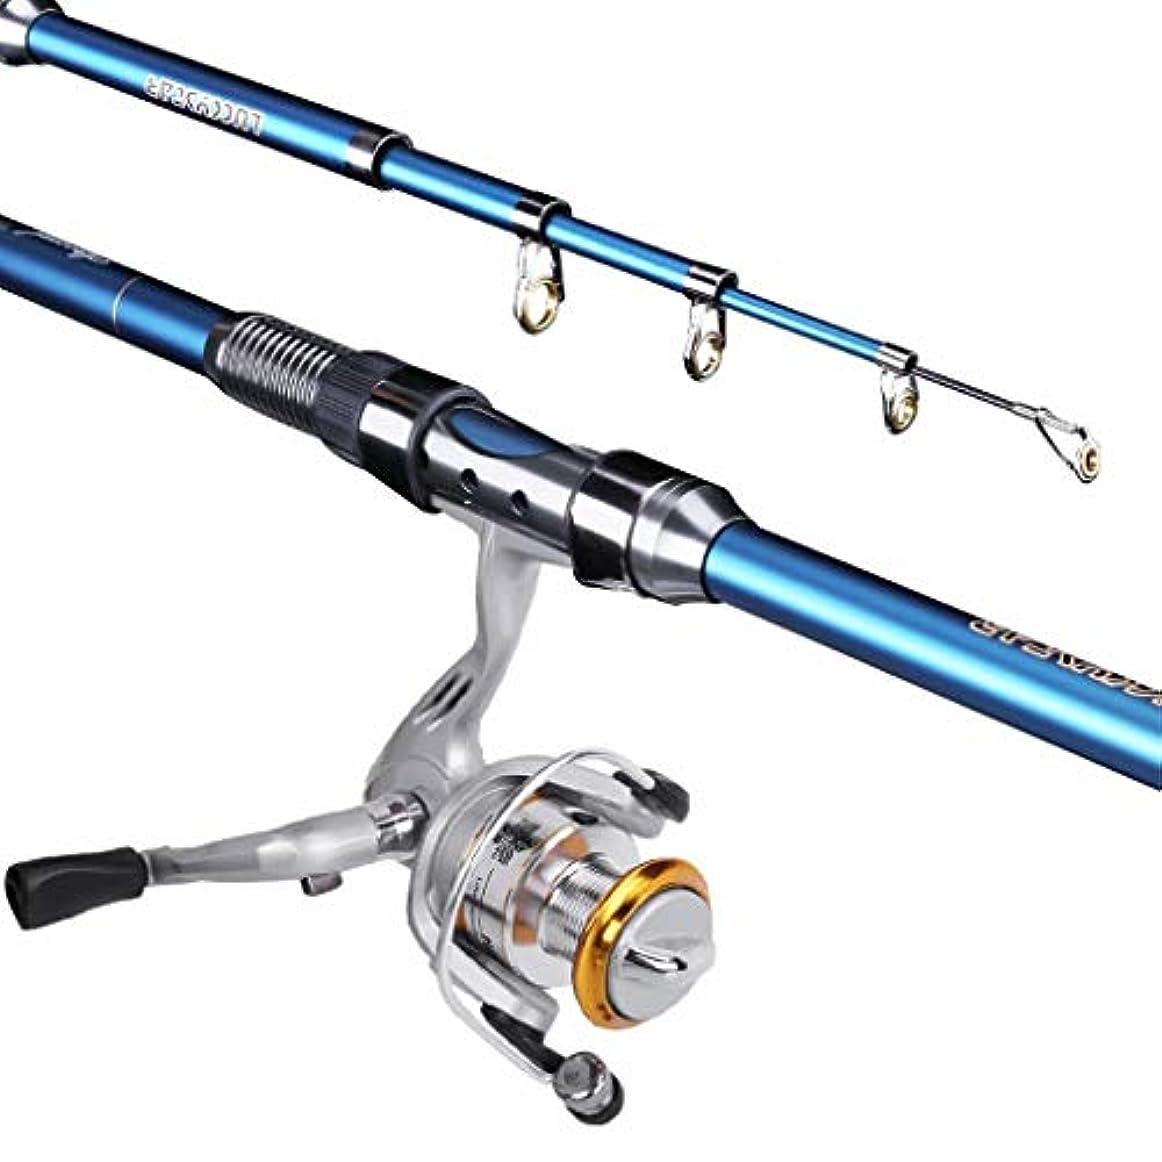 信号慢な複合伸縮式釣り竿とリールの組み合わせカーボンウルトラライトシーロッド格納式ポケットペン釣り竿セット